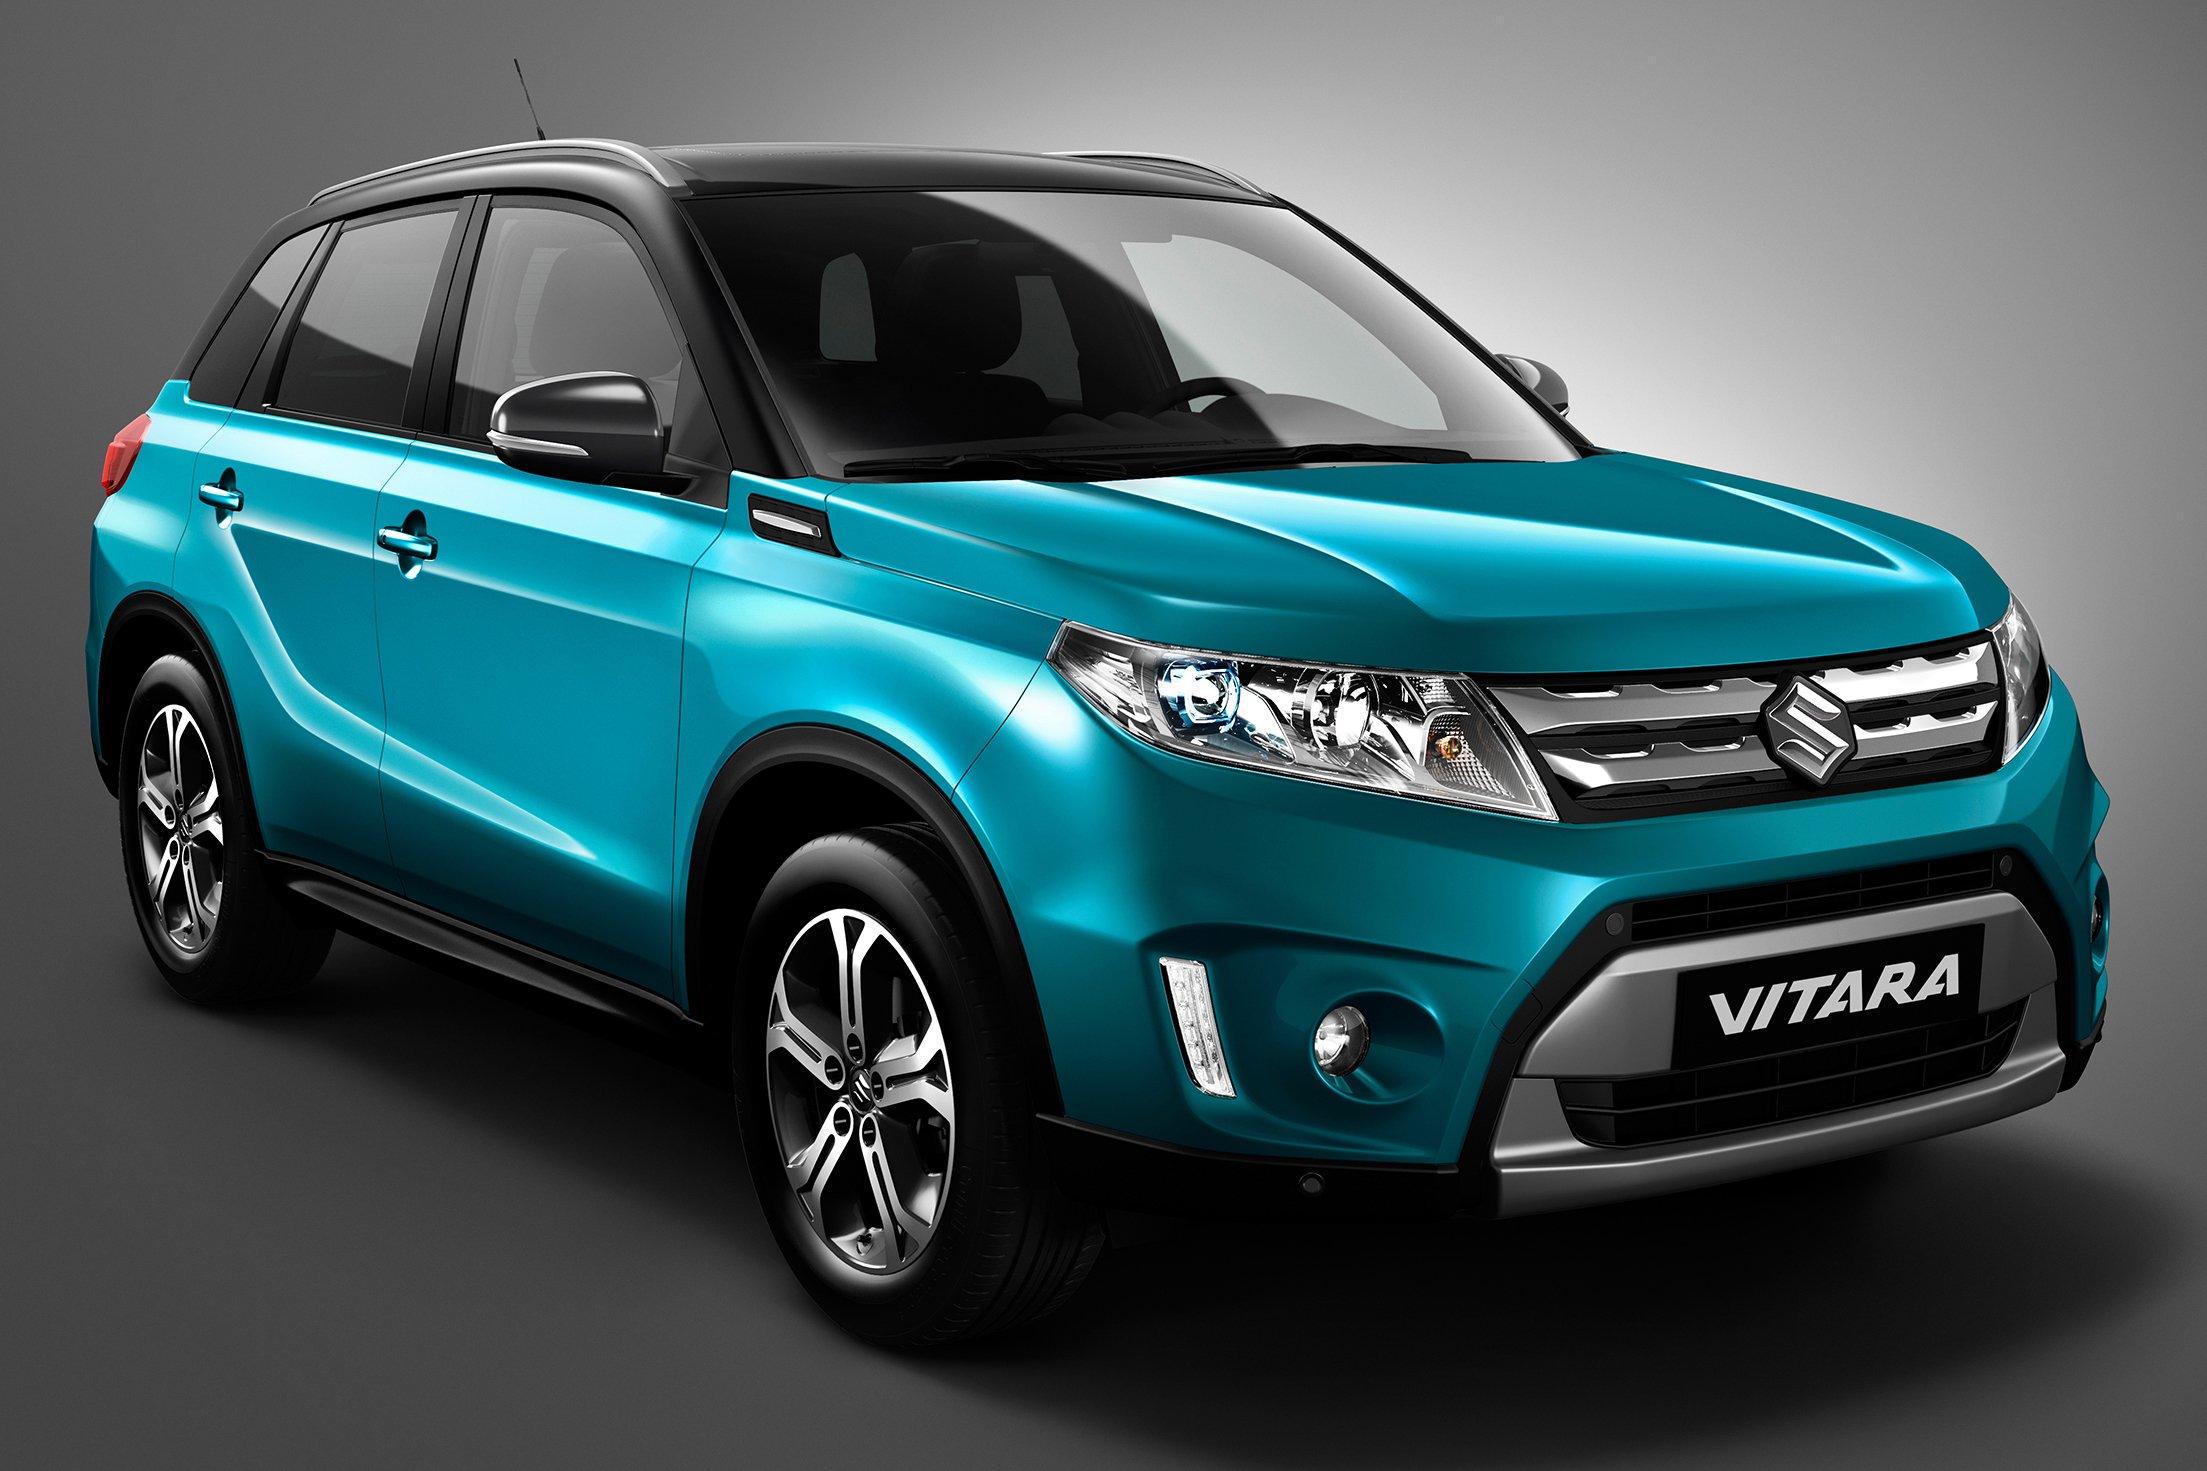 new car release in malaysia 20152015 Suzuki Vitara  new small SUV set for Paris debut